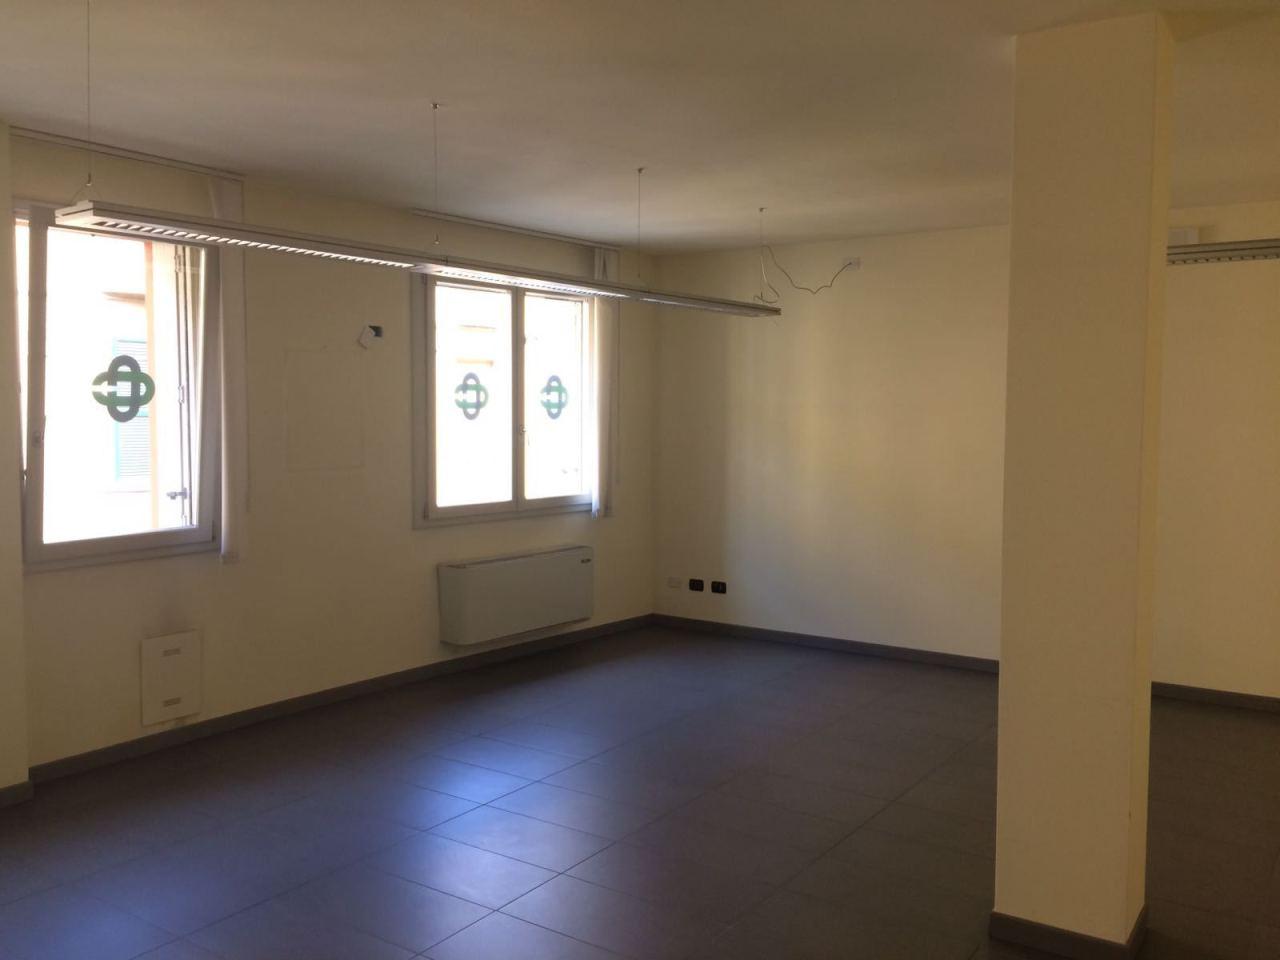 Locale commerciale - 2 Vetrine a Fiorenzuola d'Arda Rif. 7240381